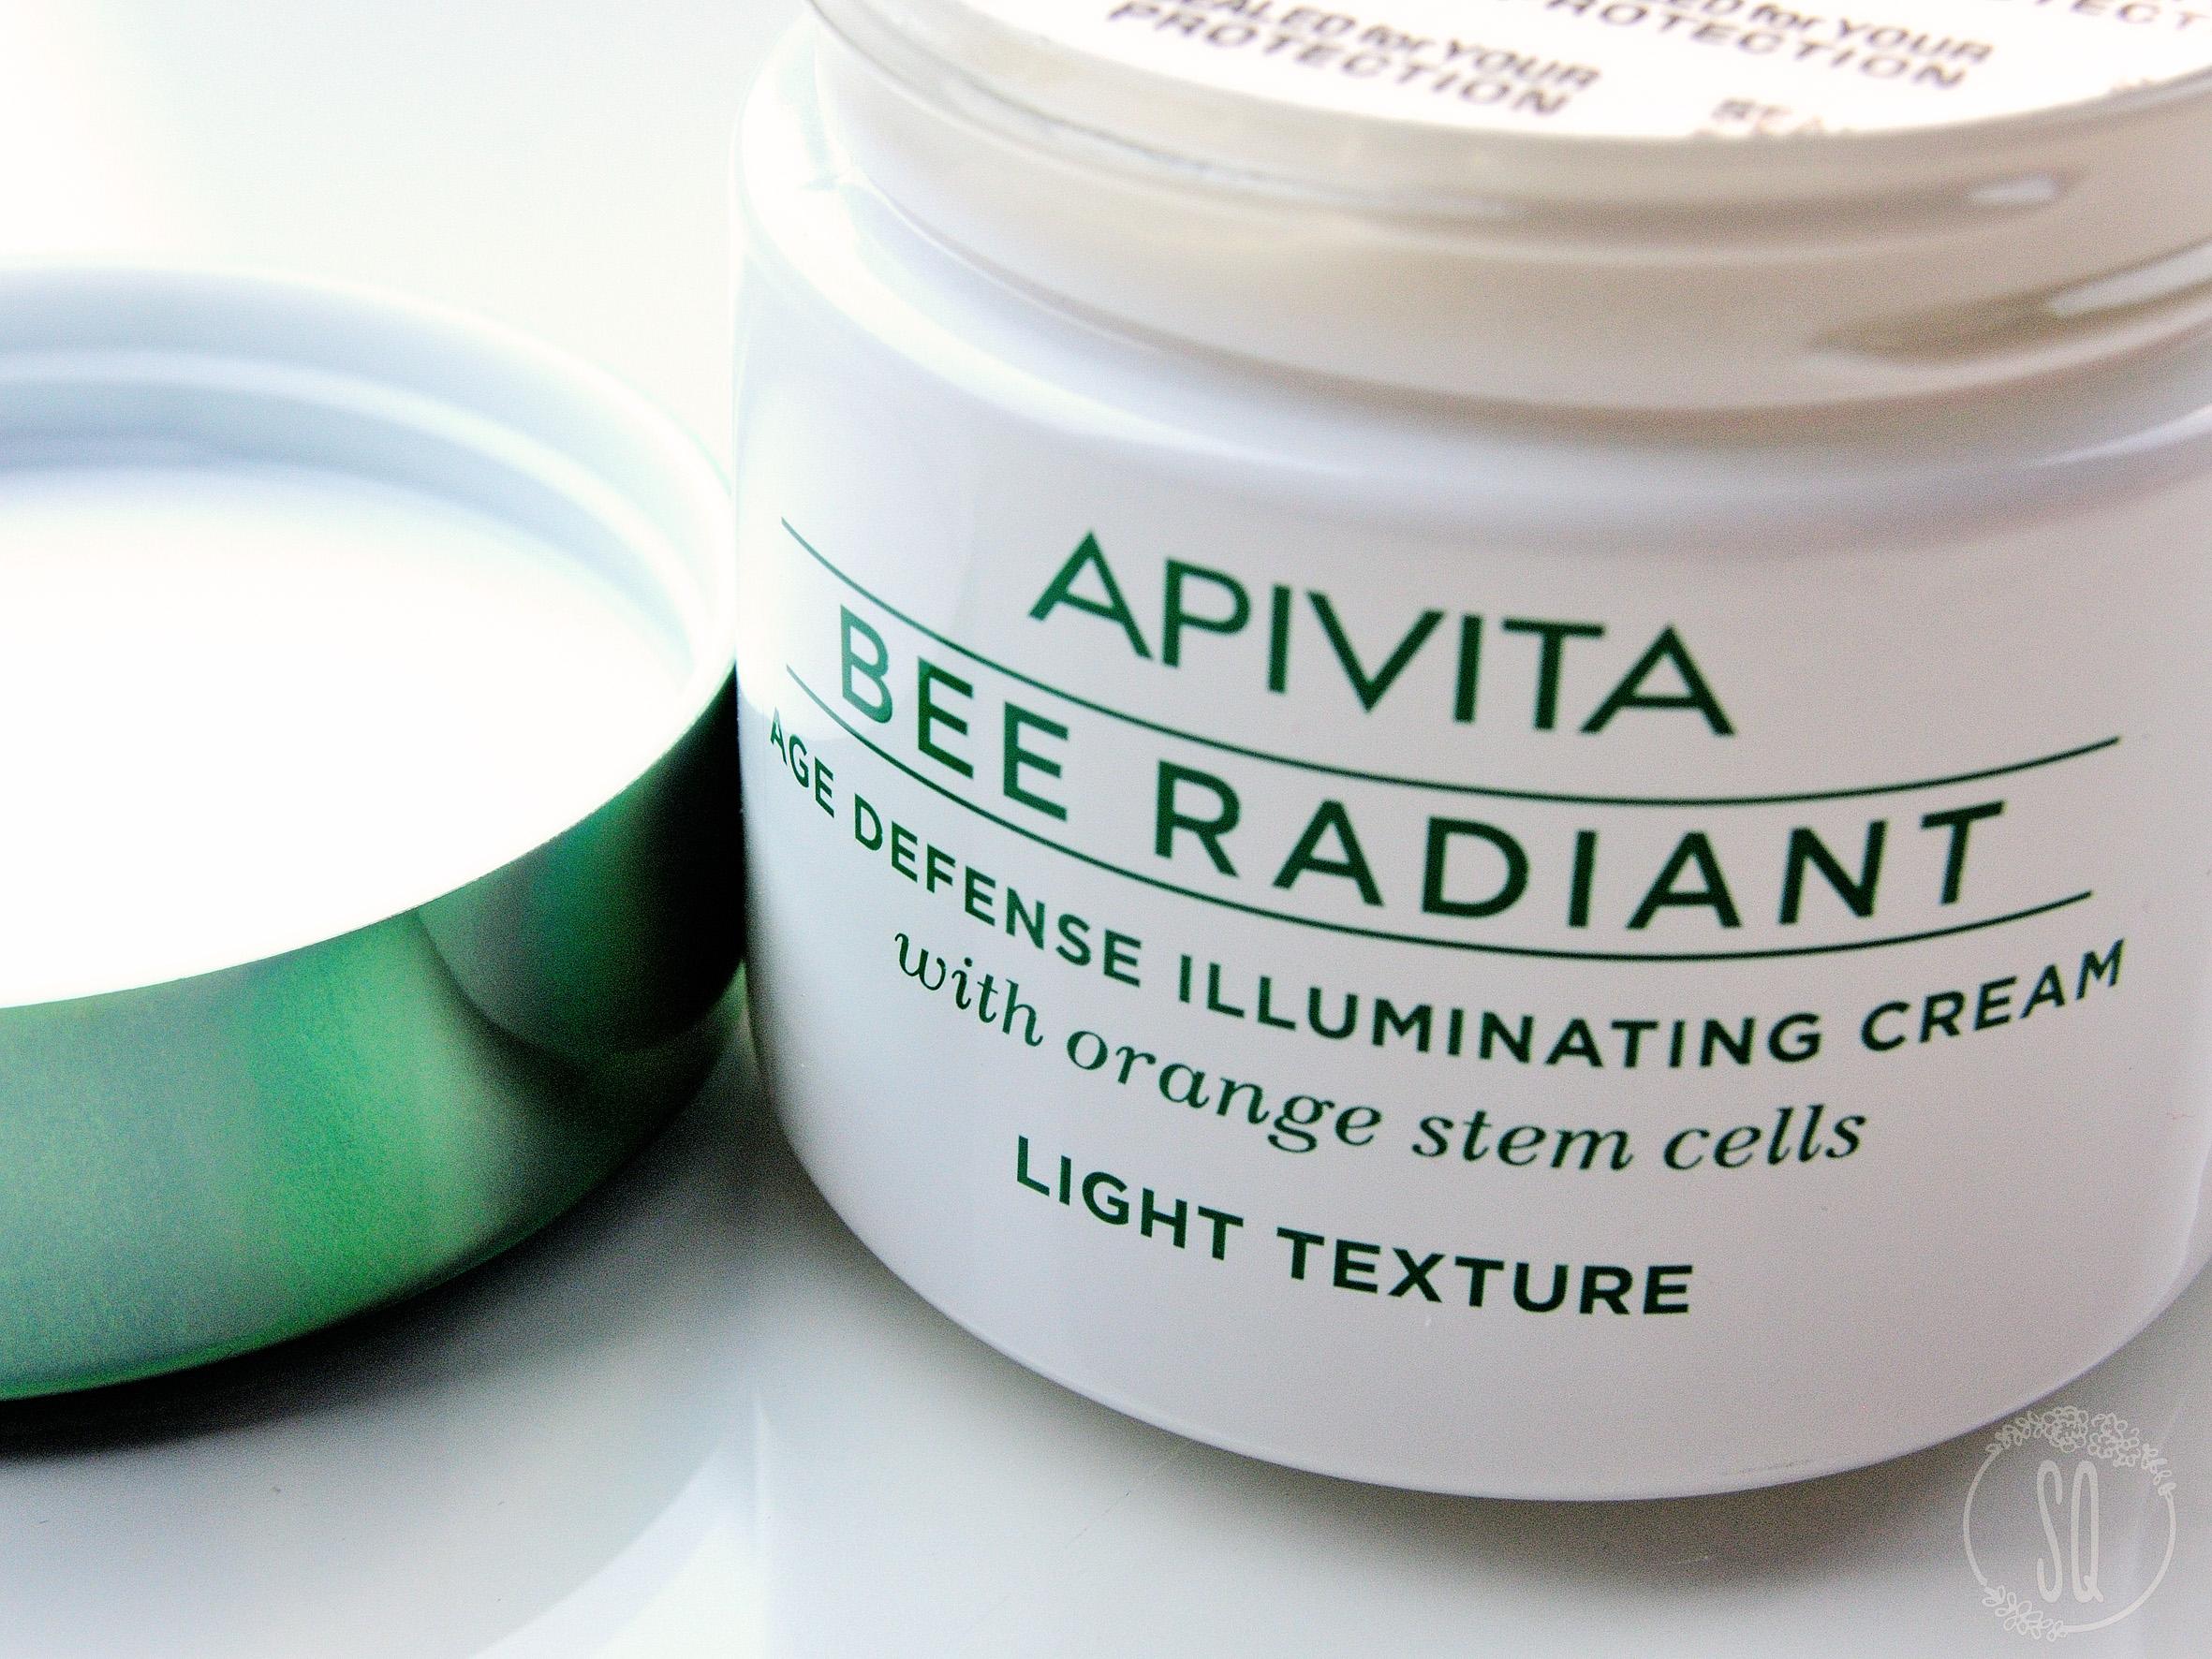 Probando productos de Apivita